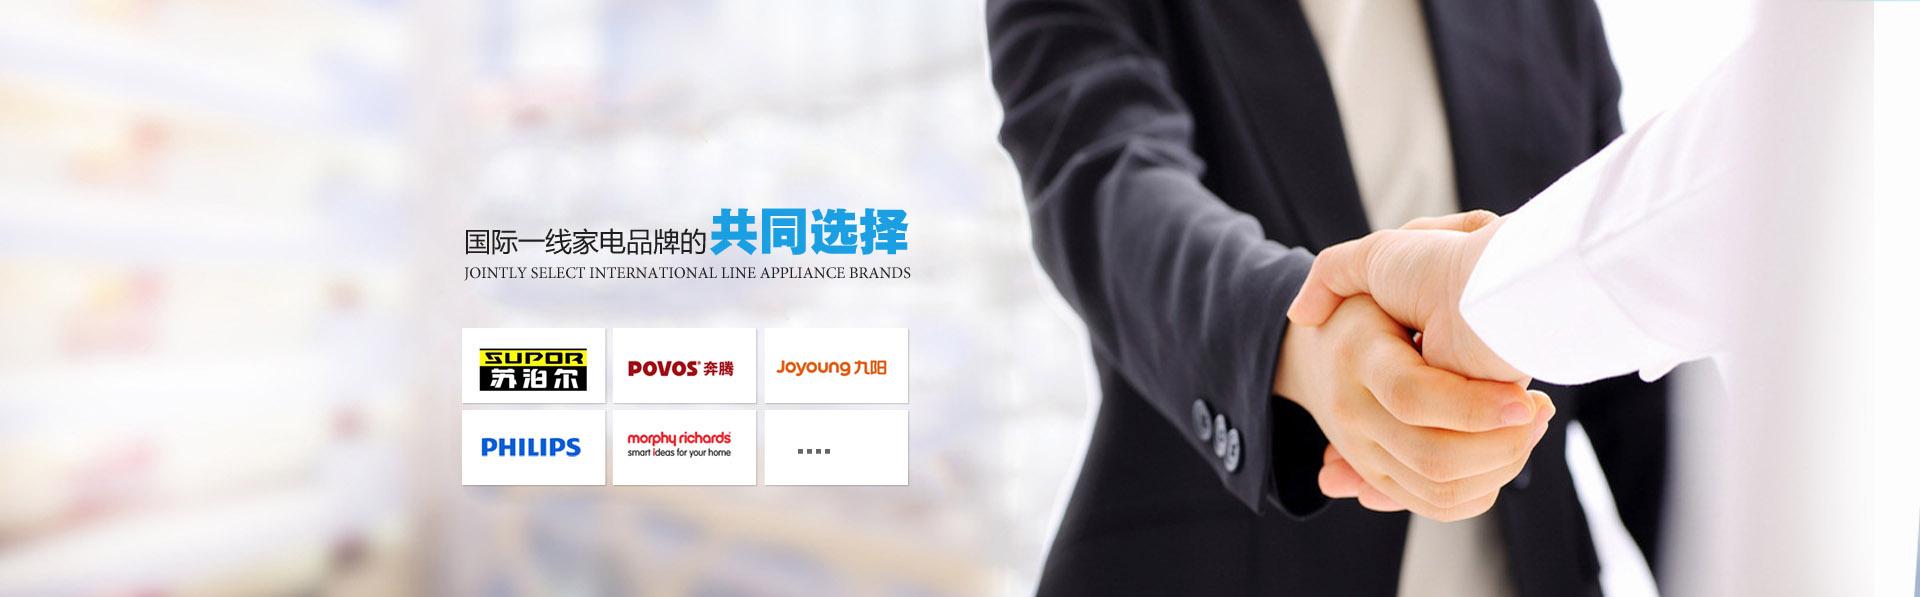 国际一线家电品牌首选合作商